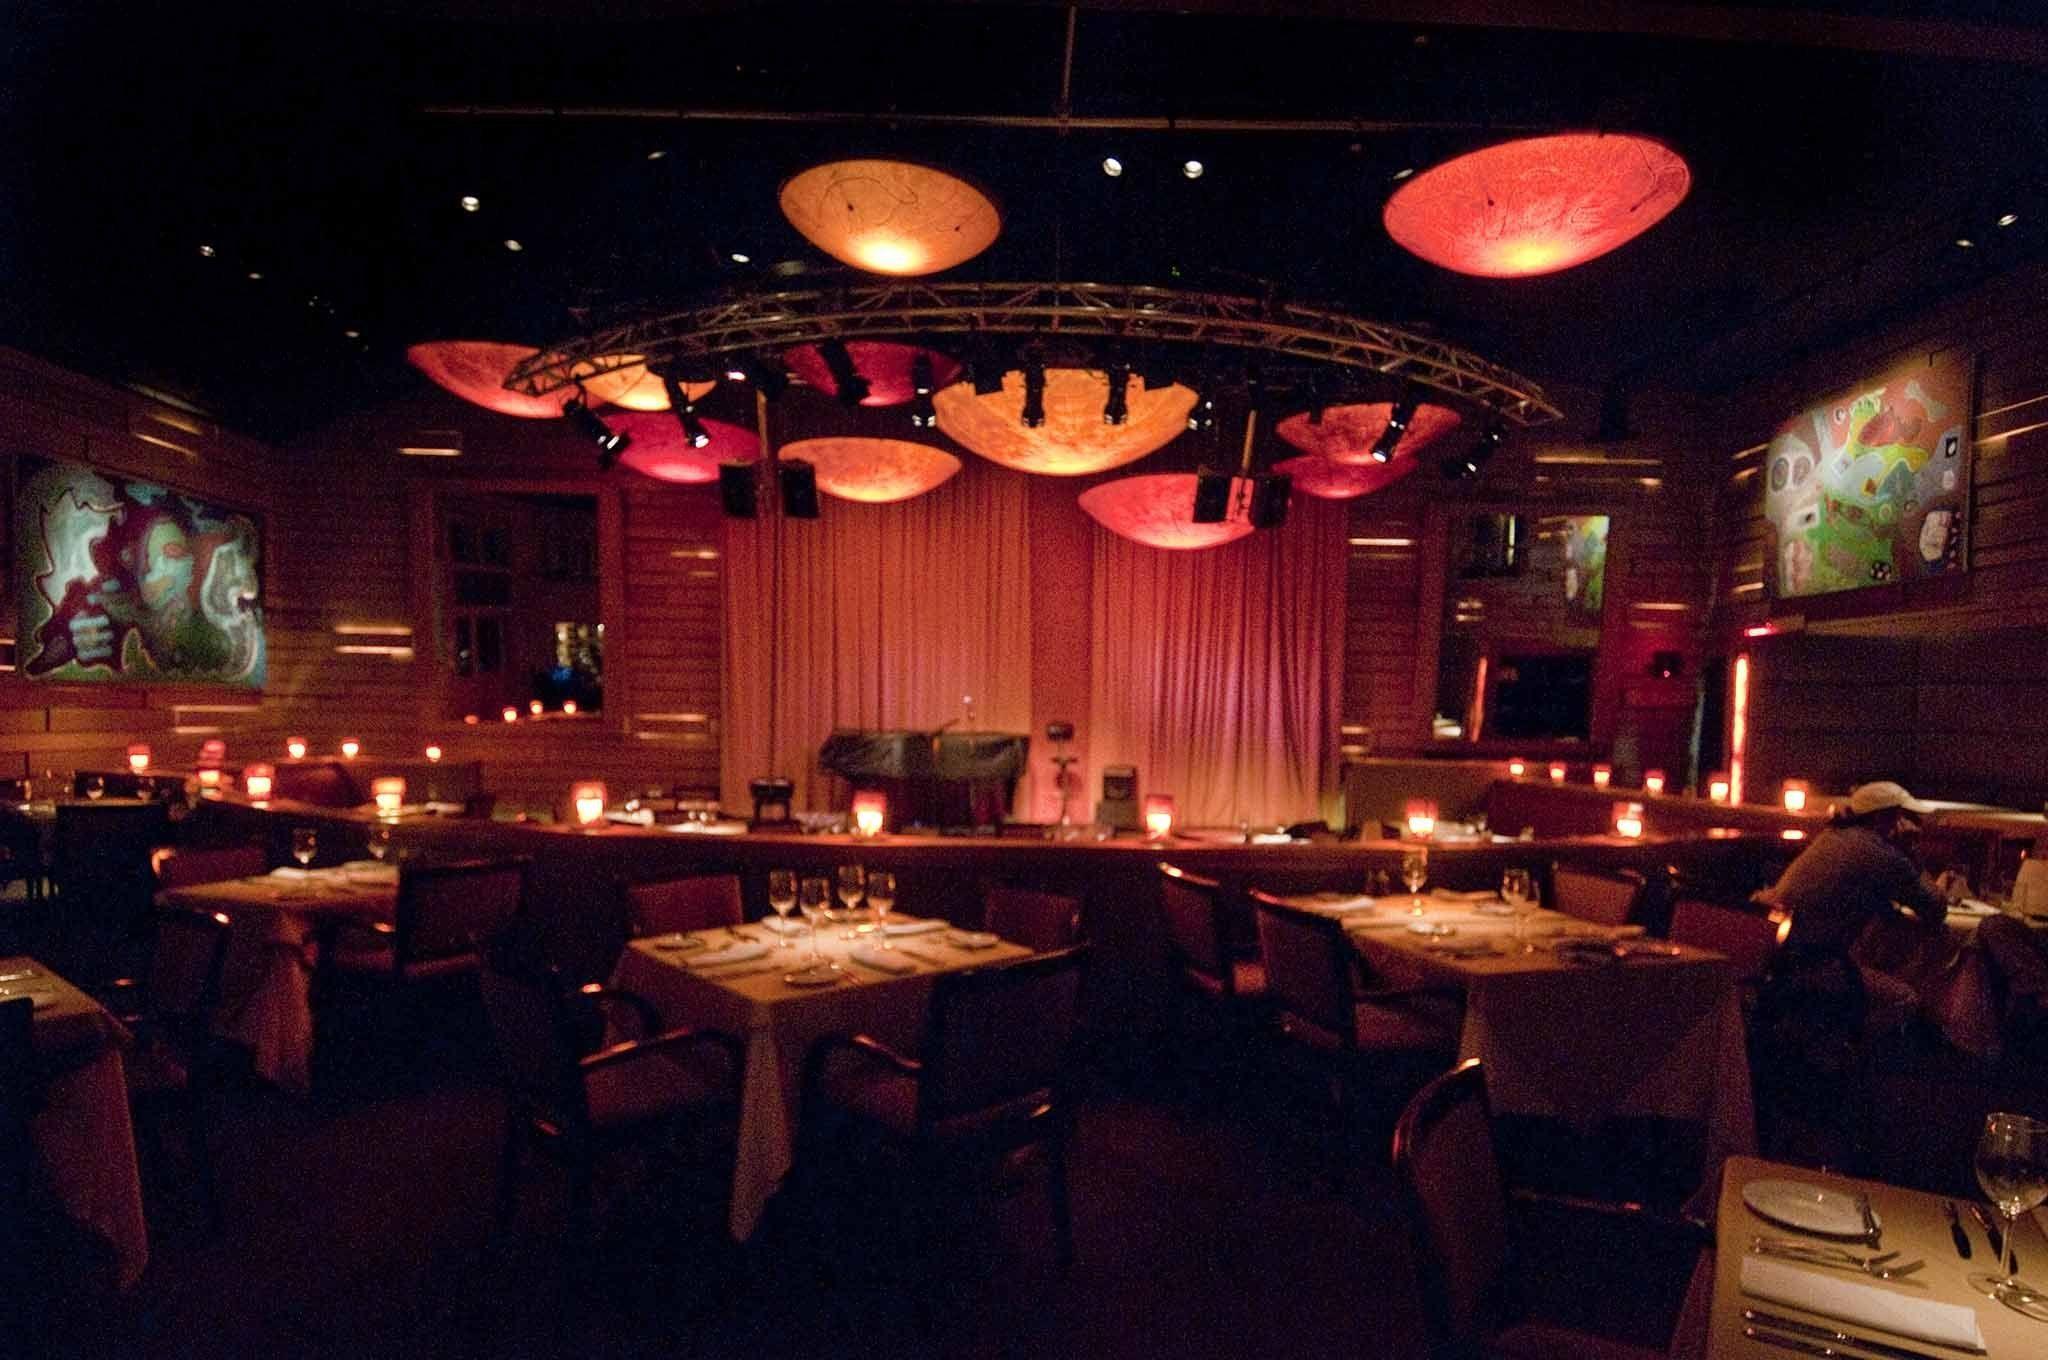 The Best Jazz Club Nights In L A Jazz Restaurant Jazz Club Jazz Lounge